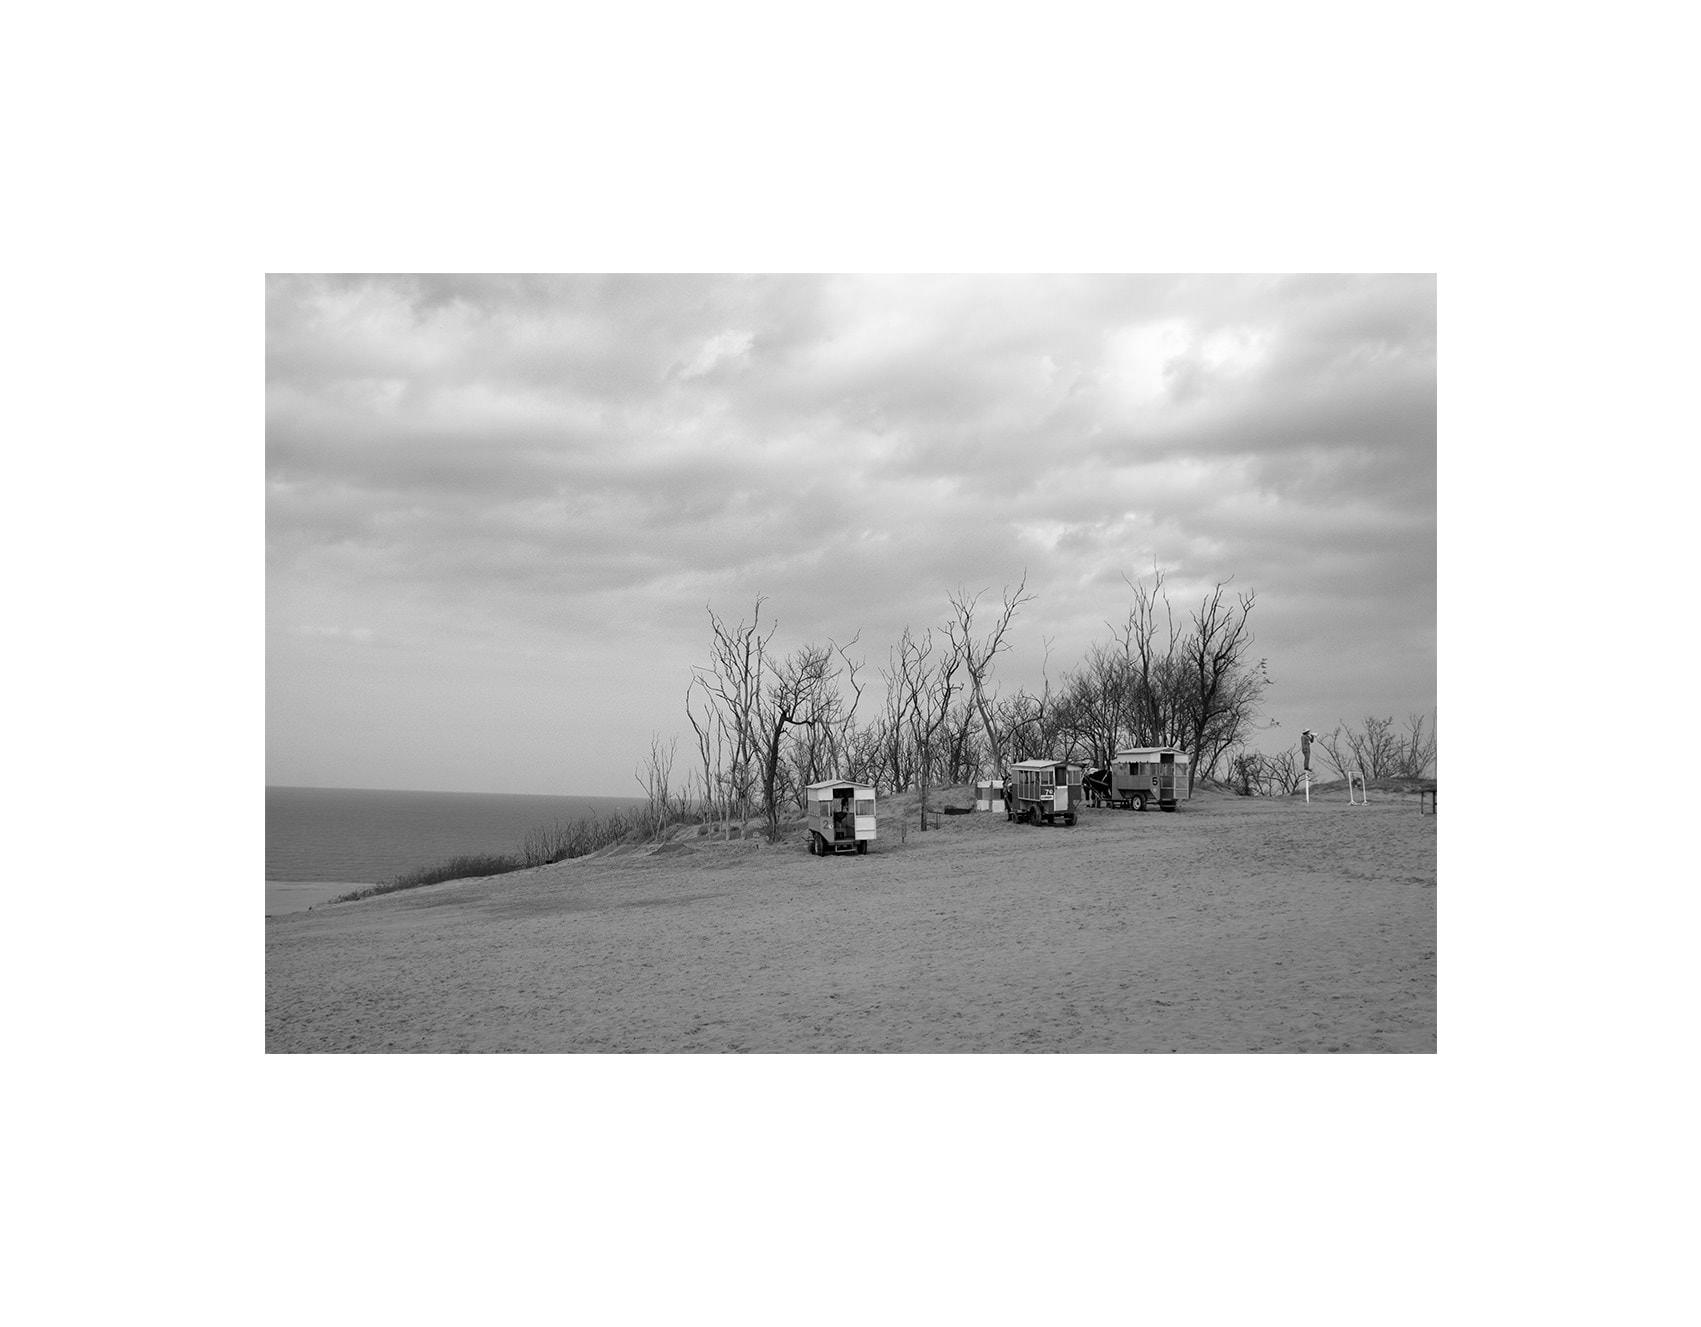 DJWFolio-Photography_PicturesToProve_1